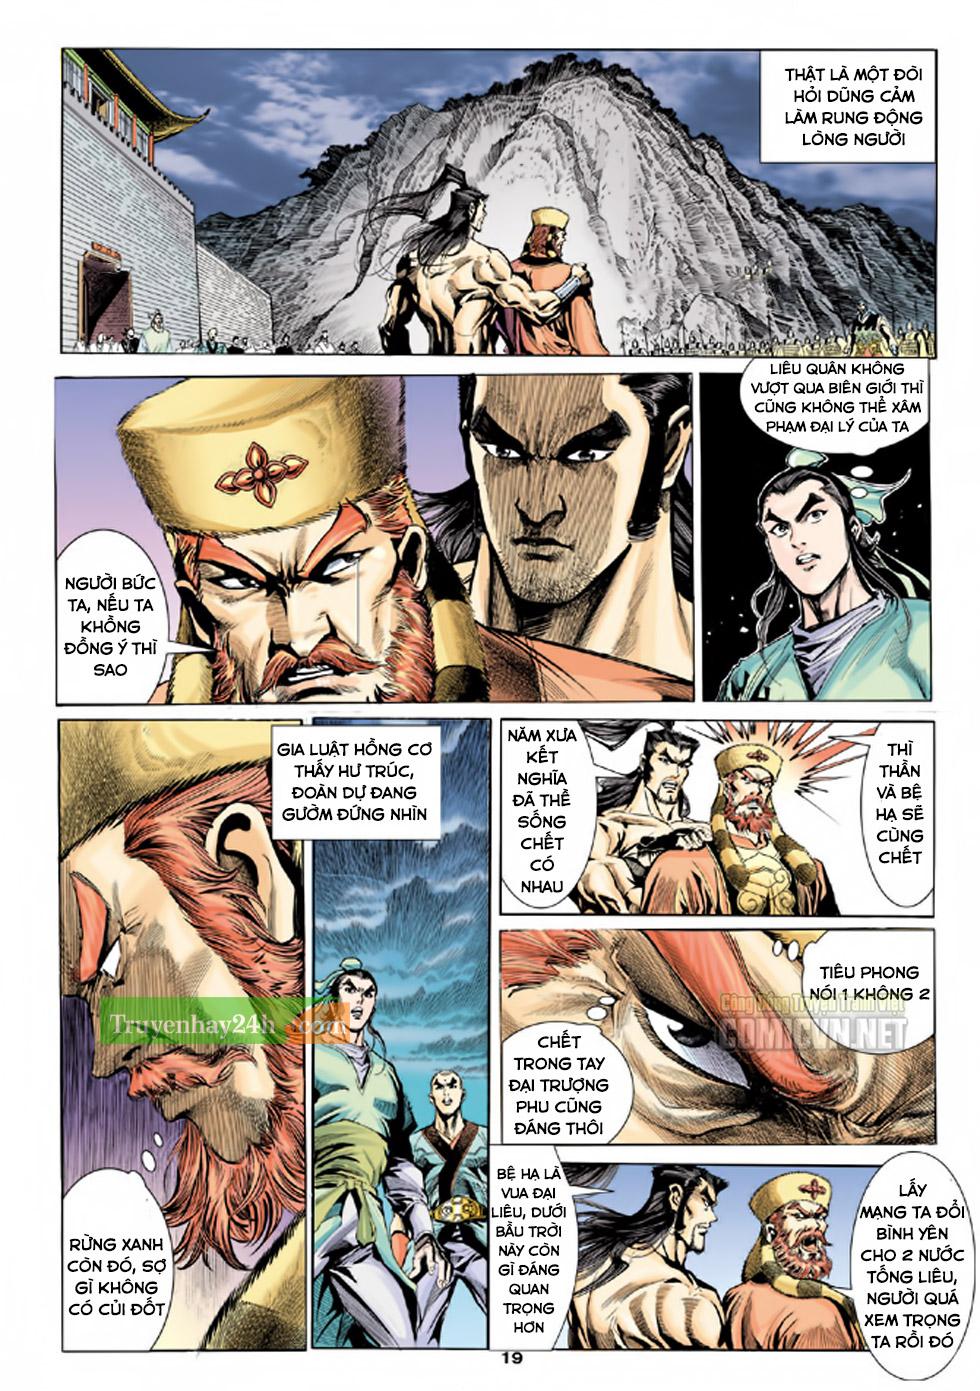 Thiên Long Bát Bộ chap 100 – End Trang 20 - Mangak.info